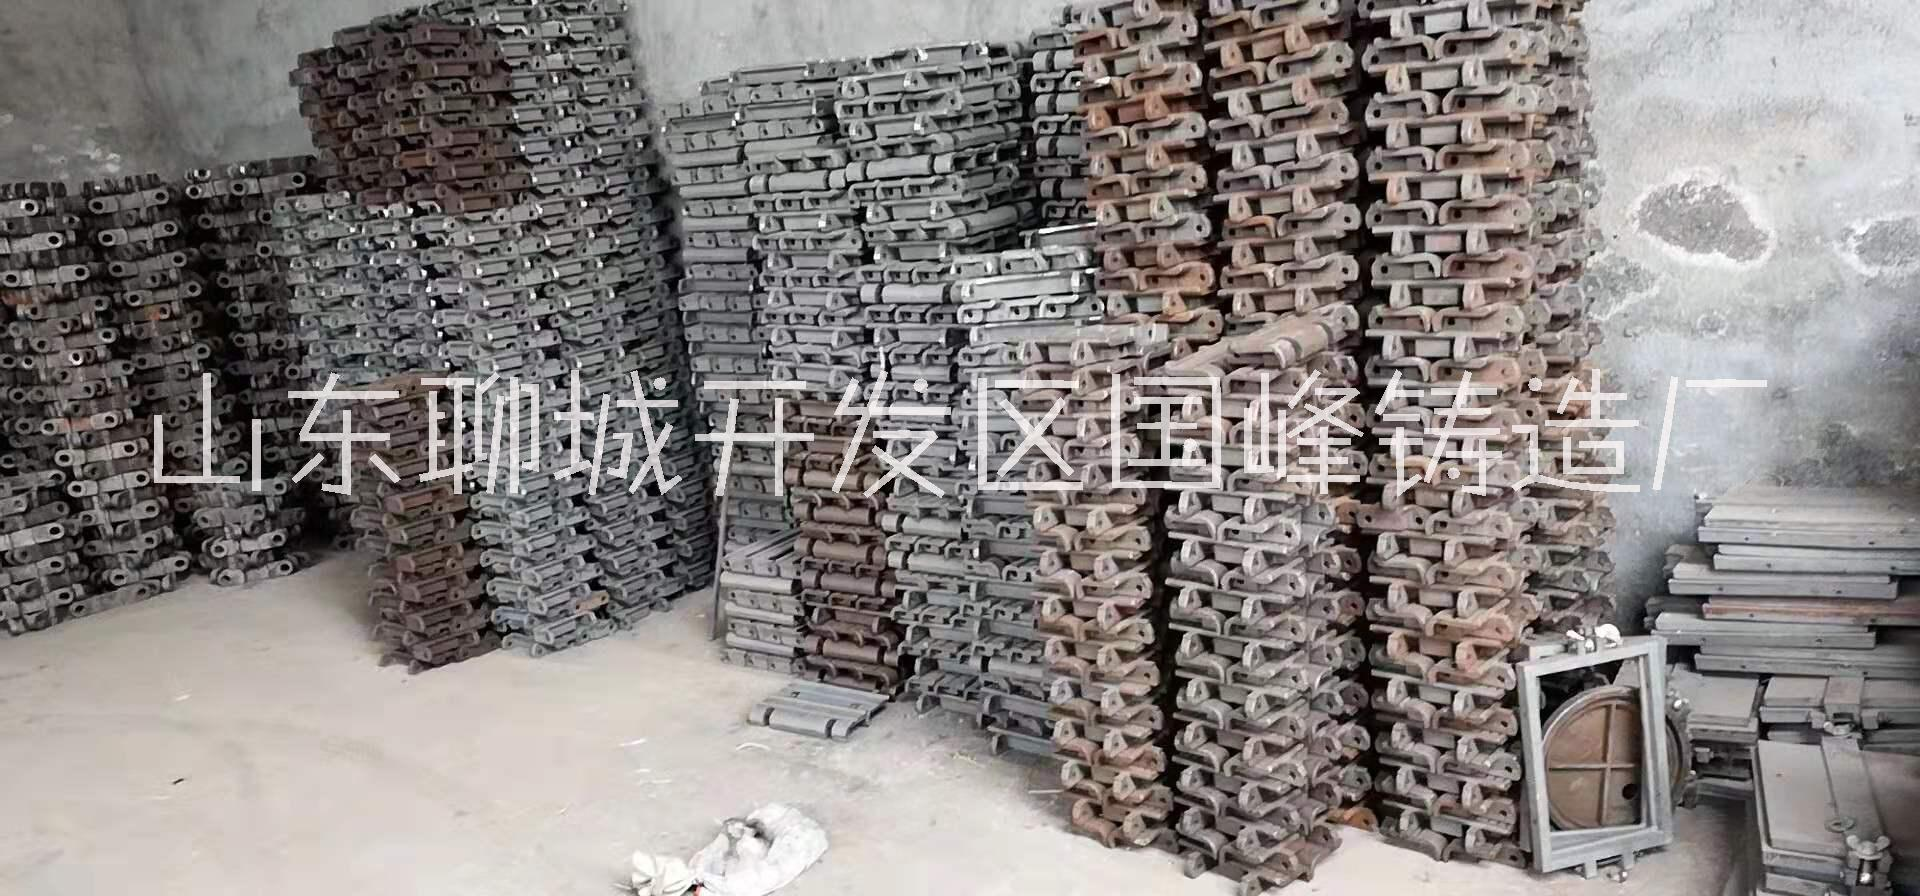 山东生物质炉排供货商,供应生物质颗粒炉排厂家,厂家加工锅炉配件炉排,生物质炉排片耐高温品质保障